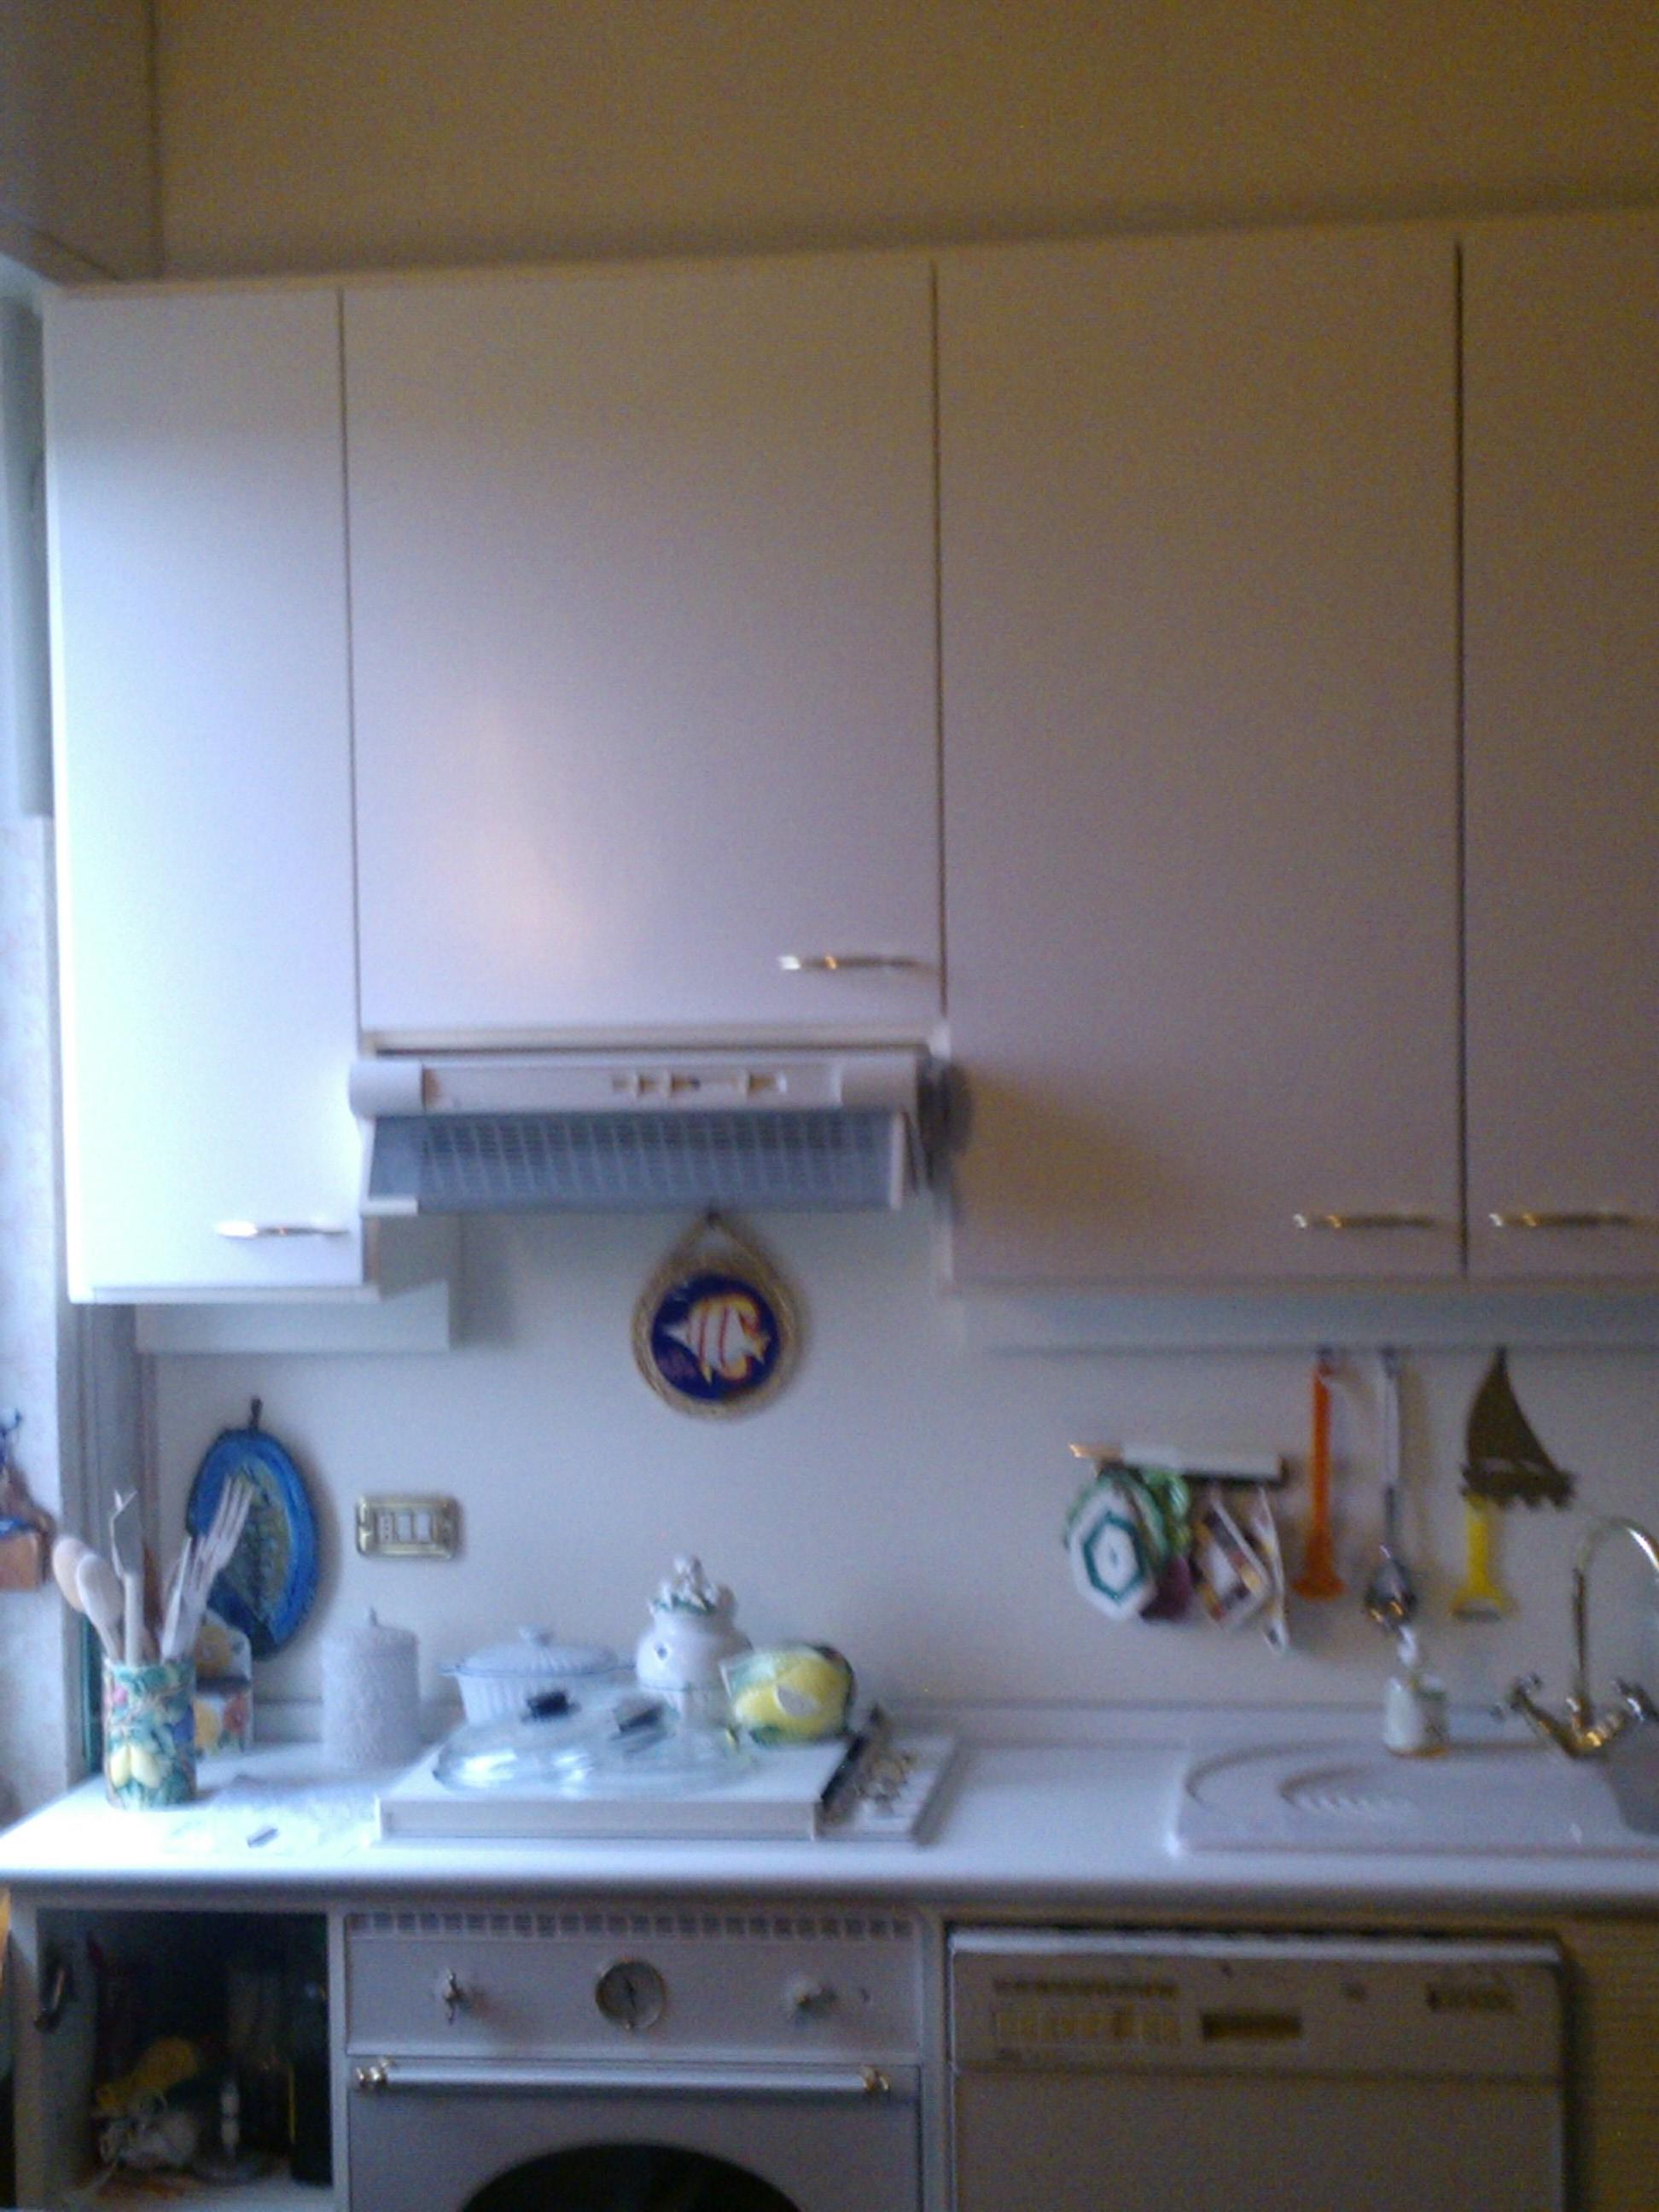 18mm Laccato Bianco ;ad Pensile Cucina.sostituzione Top Con Alzatina #2A5EA1 1944 2592 Piano Di Lavoro Cucina Brico